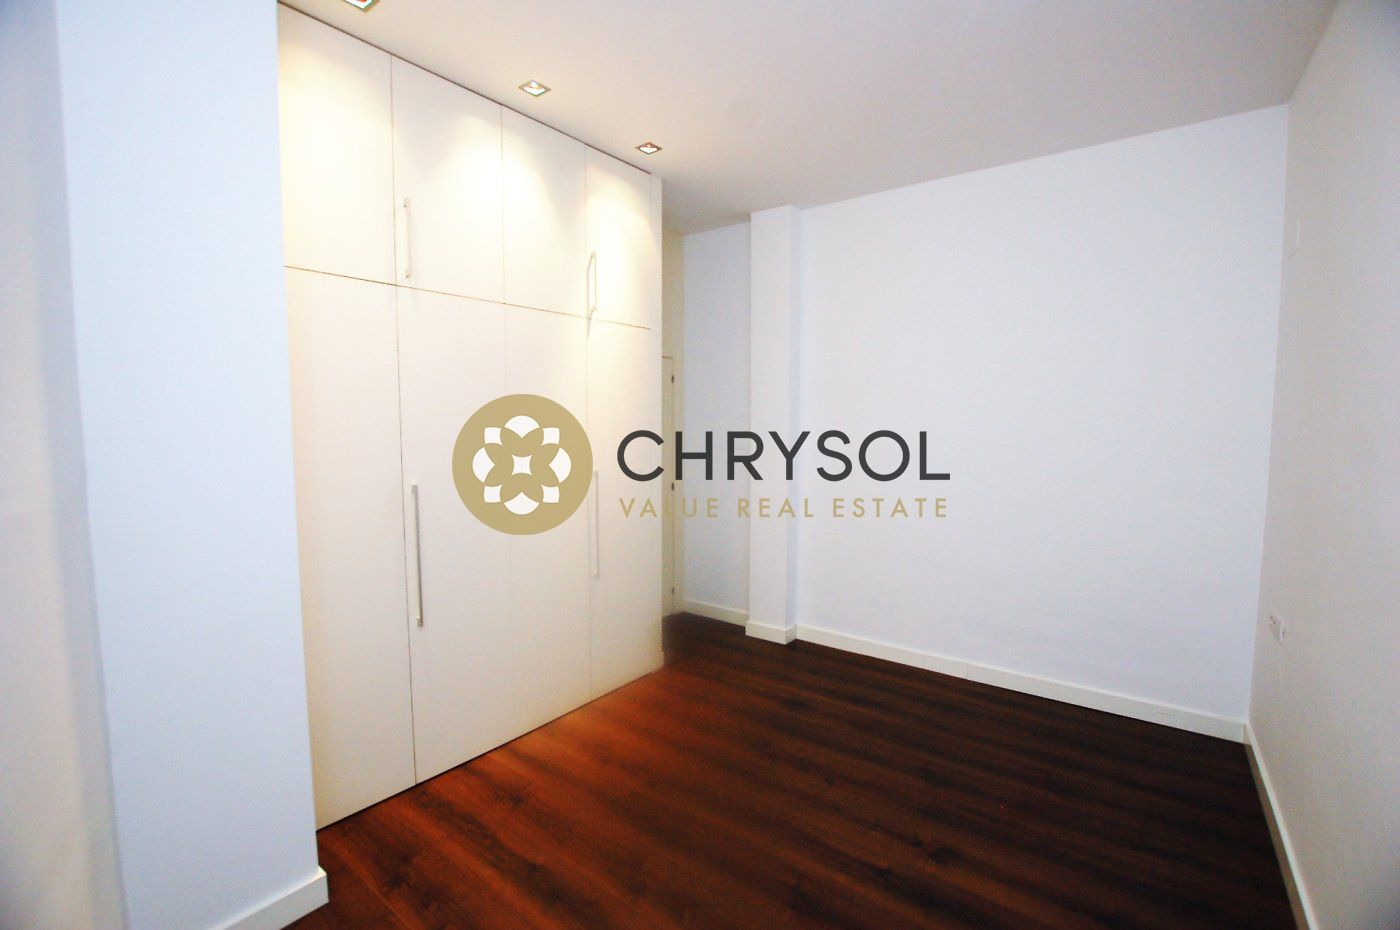 Fotogalería - 14 - Chrysol Value